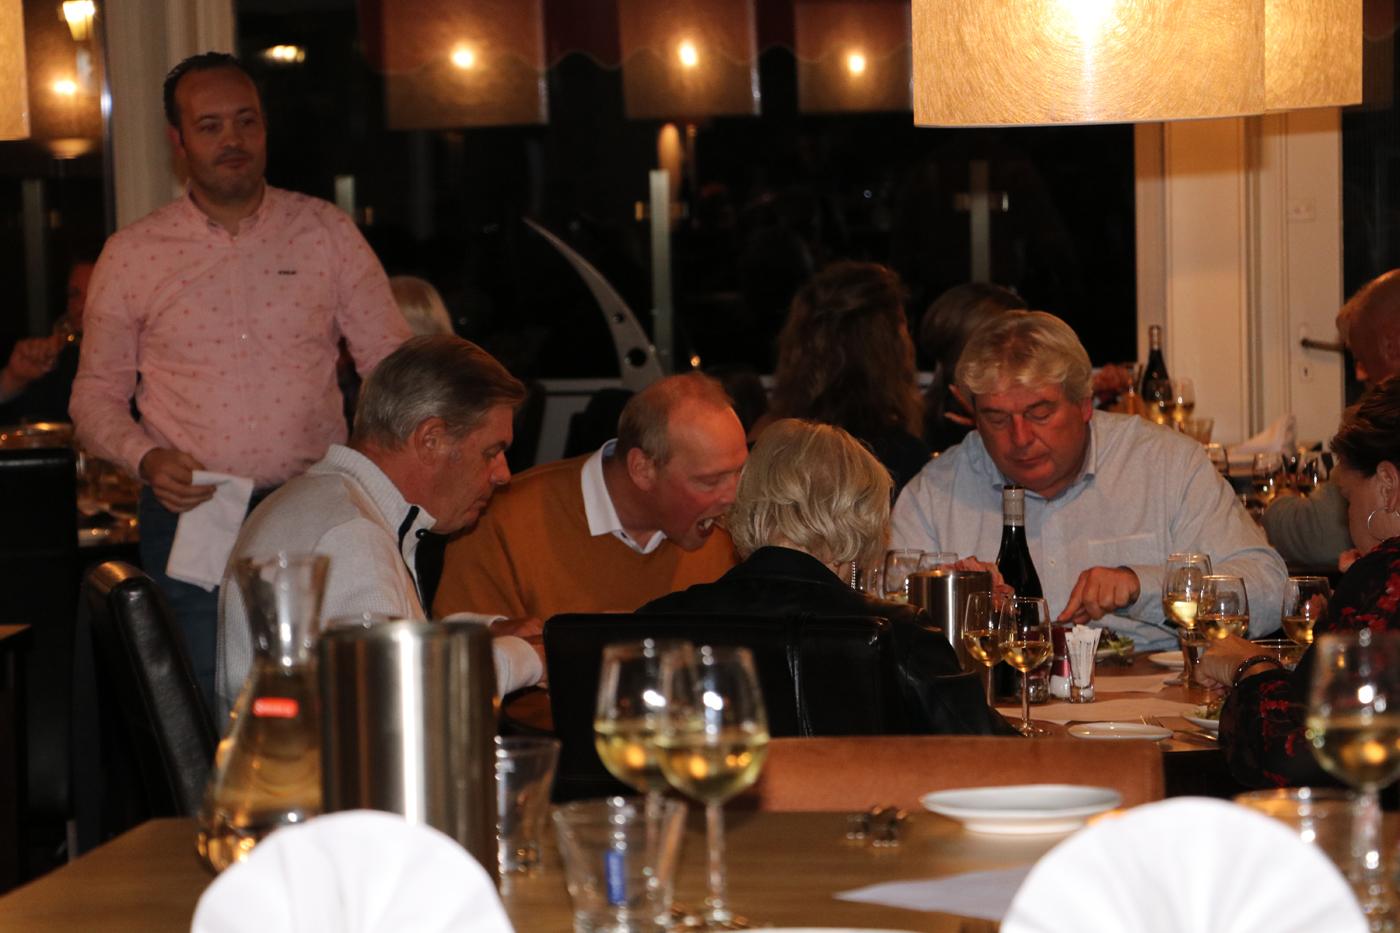 Ventisquero winemakersdiner bij La Roche in Enschede groot succes